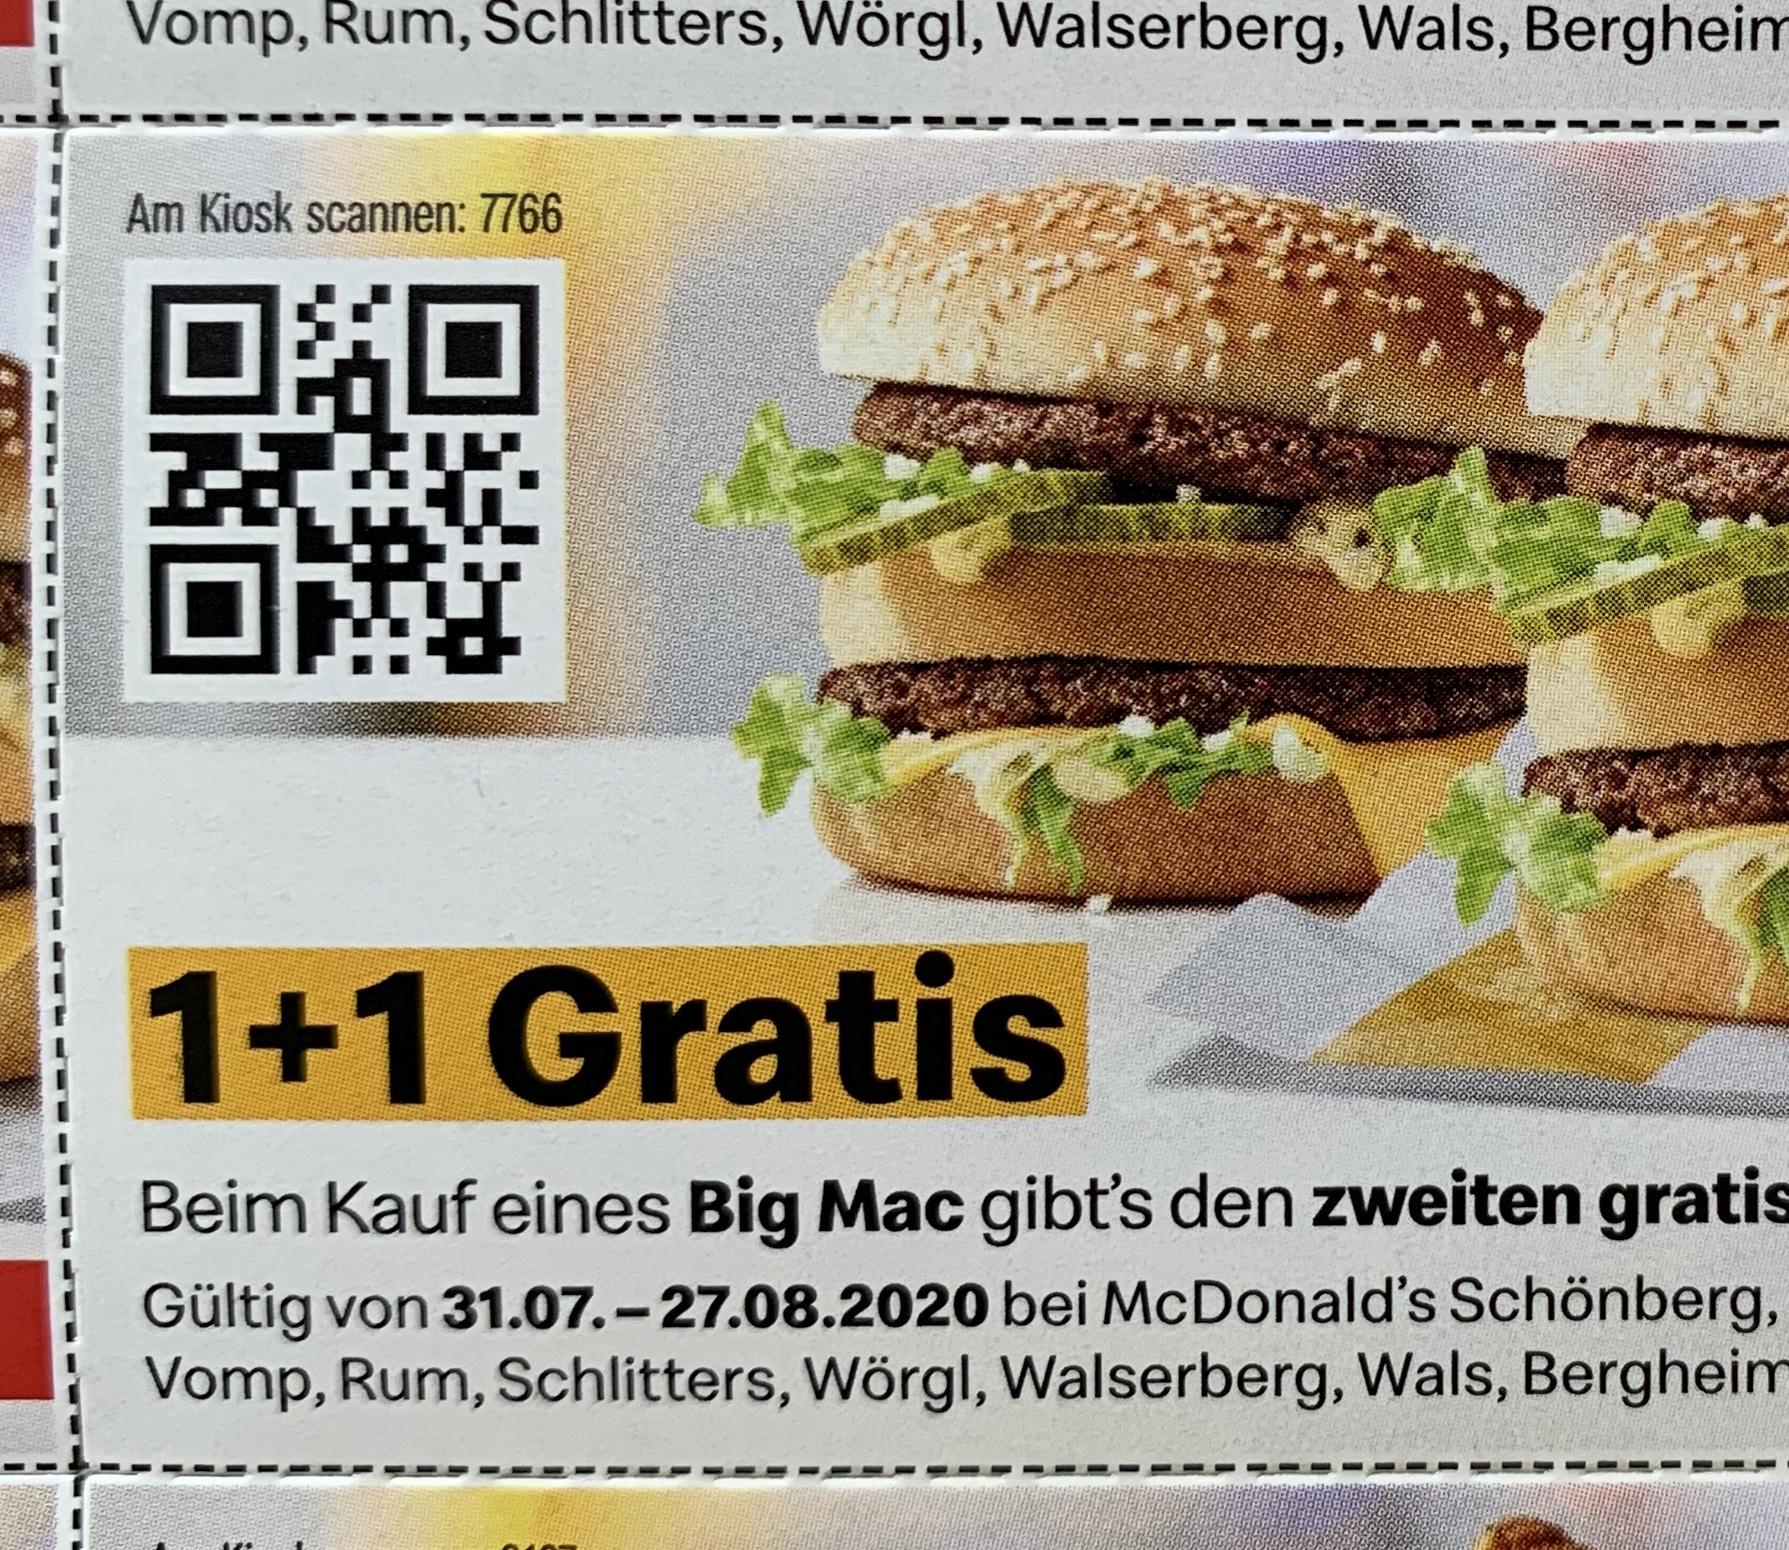 McDonald's (lokal in SBG und T): Gutscheine (zB Big Mac 1+1 gratis)